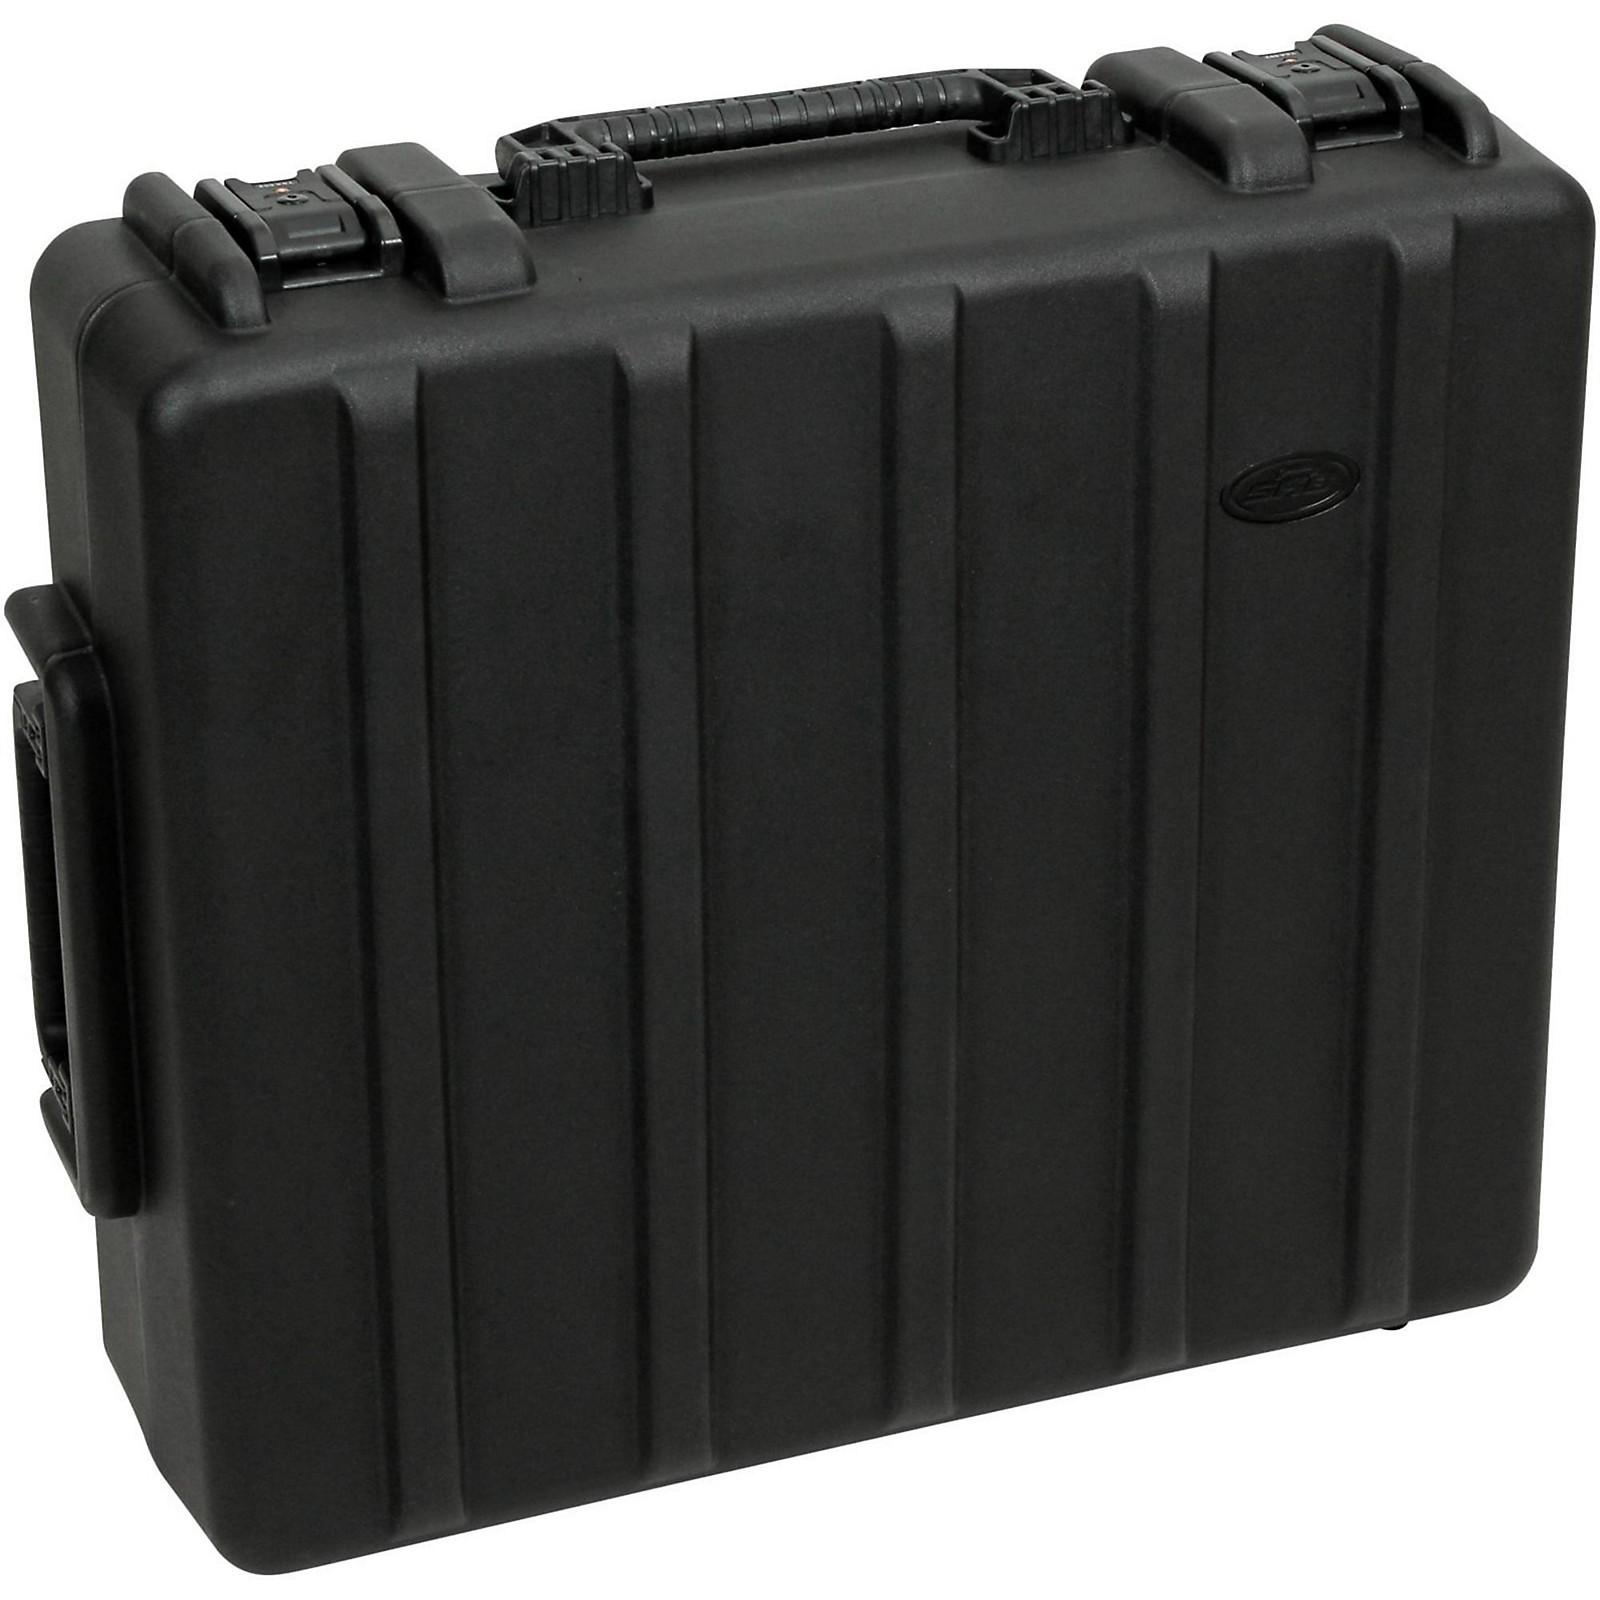 Open Box SKB Presonus Studiolive Case